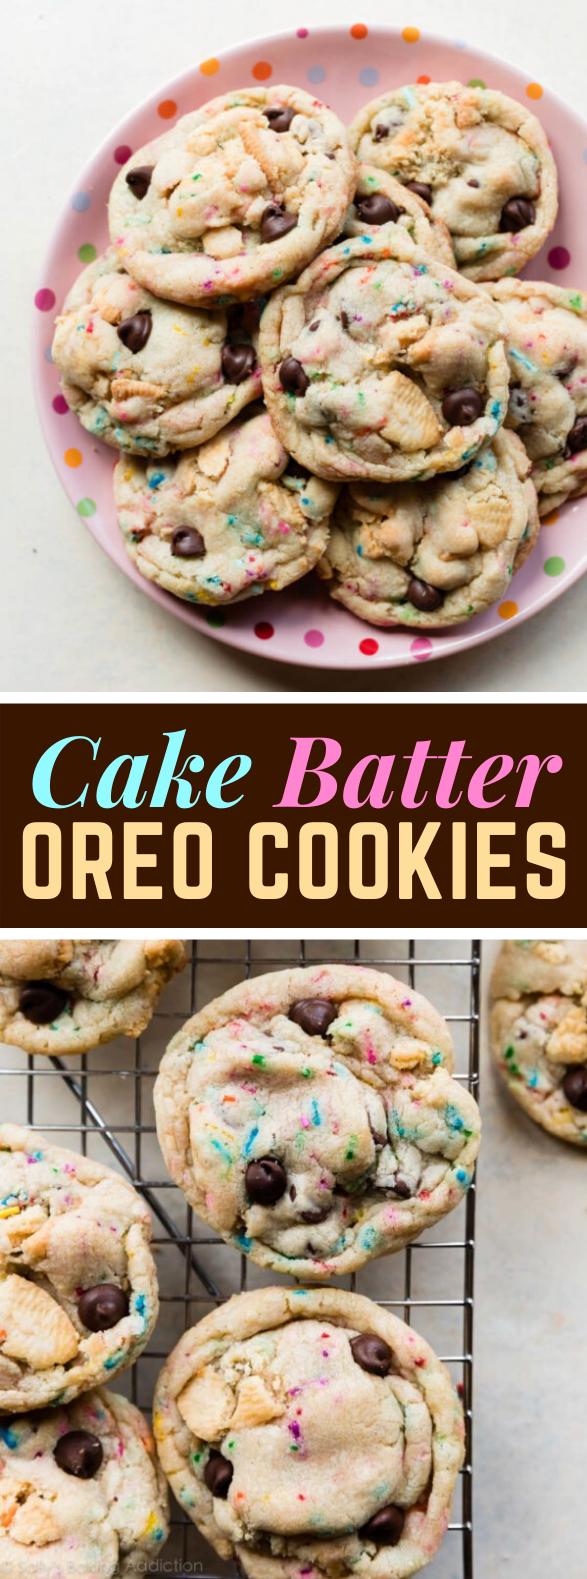 Cake Batter Oreo Cookies #softbaked #dessert